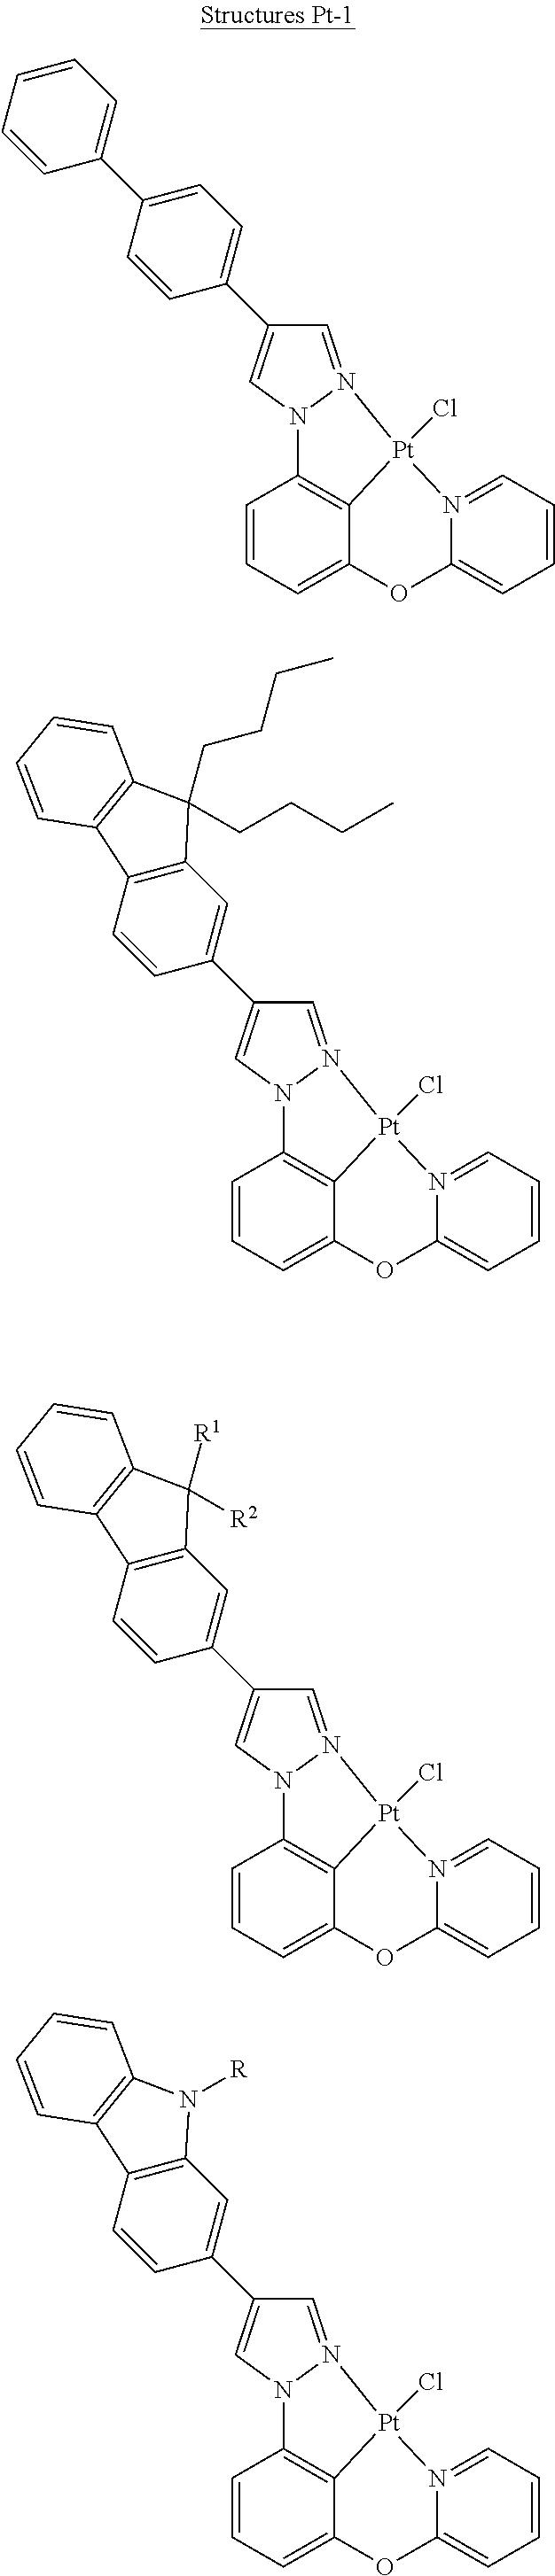 Figure US09818959-20171114-C00121